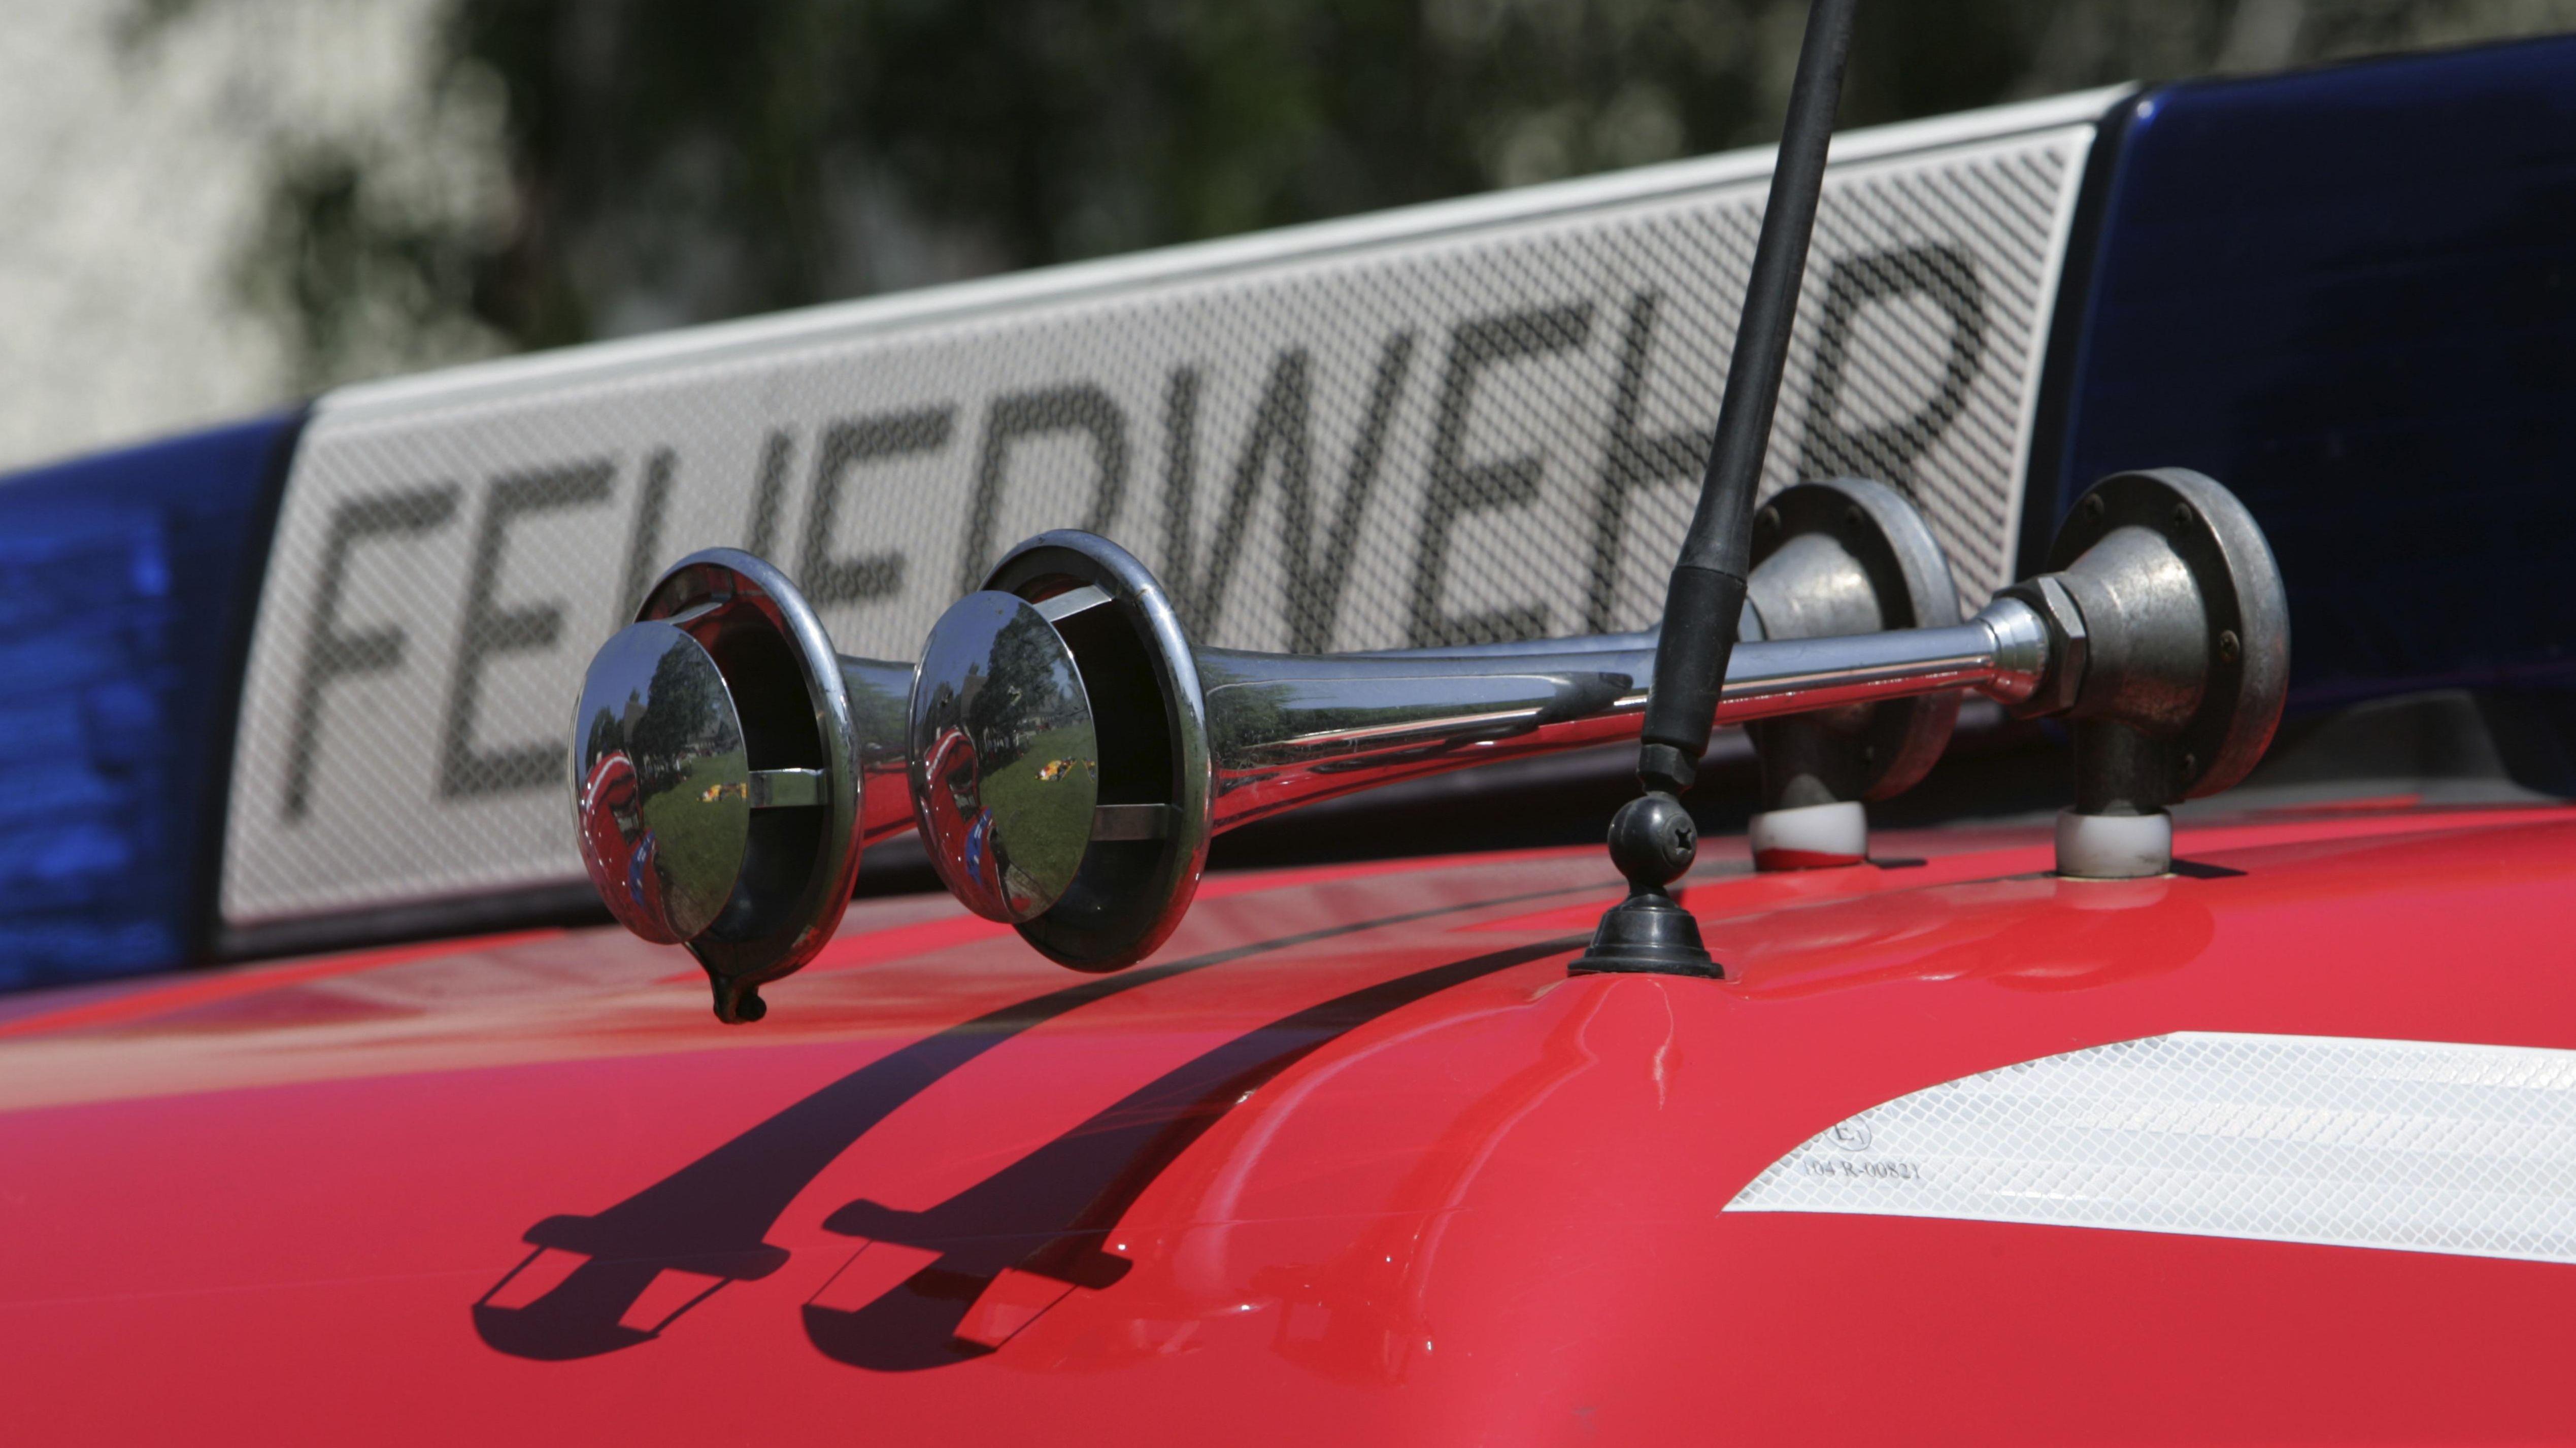 Sirenen auf einem Feuerwehrauto (Symbolbild)